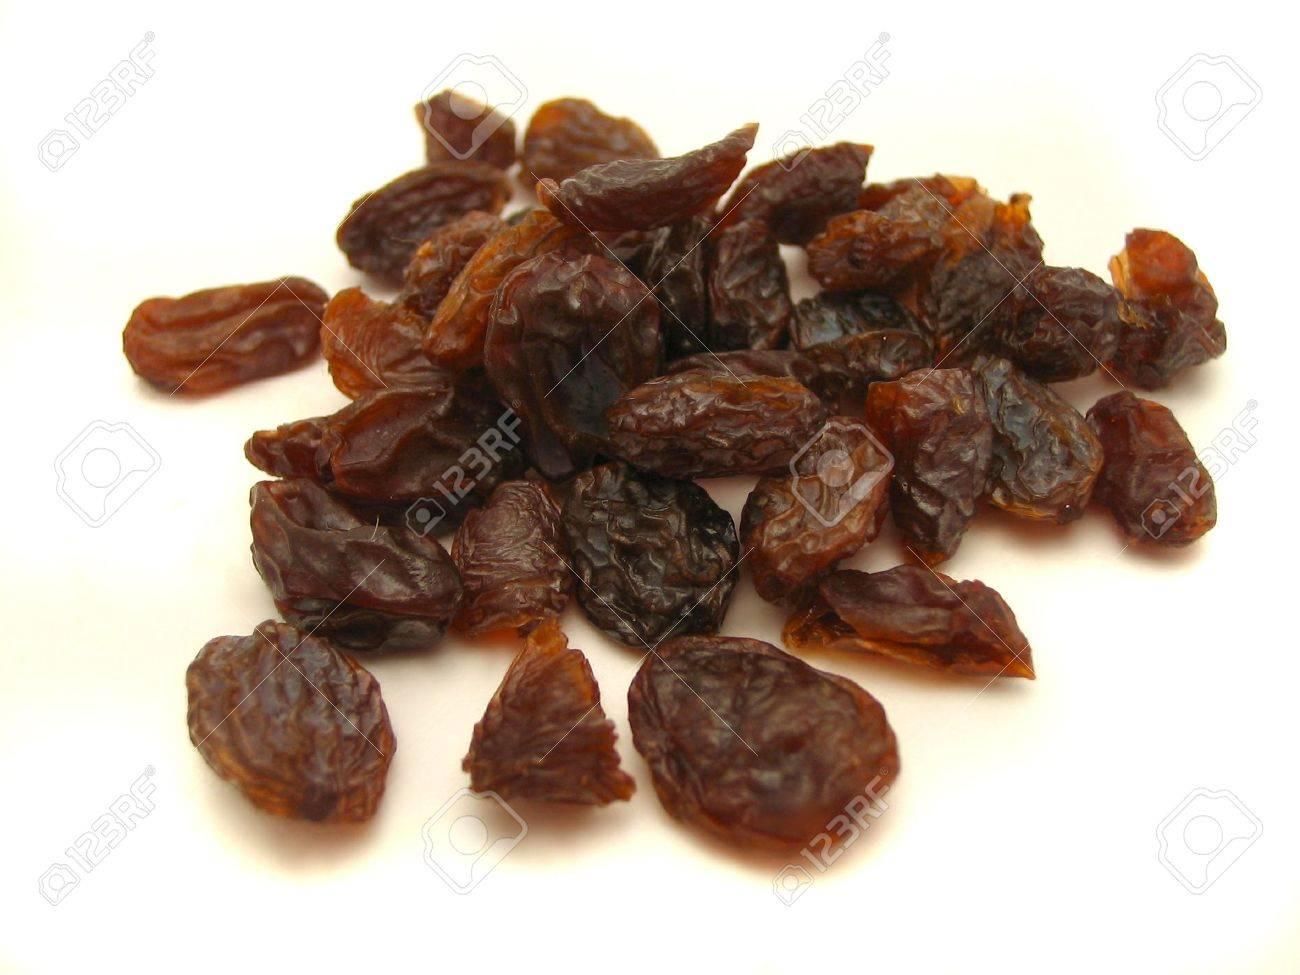 raisin pile Stock Photo - 271687